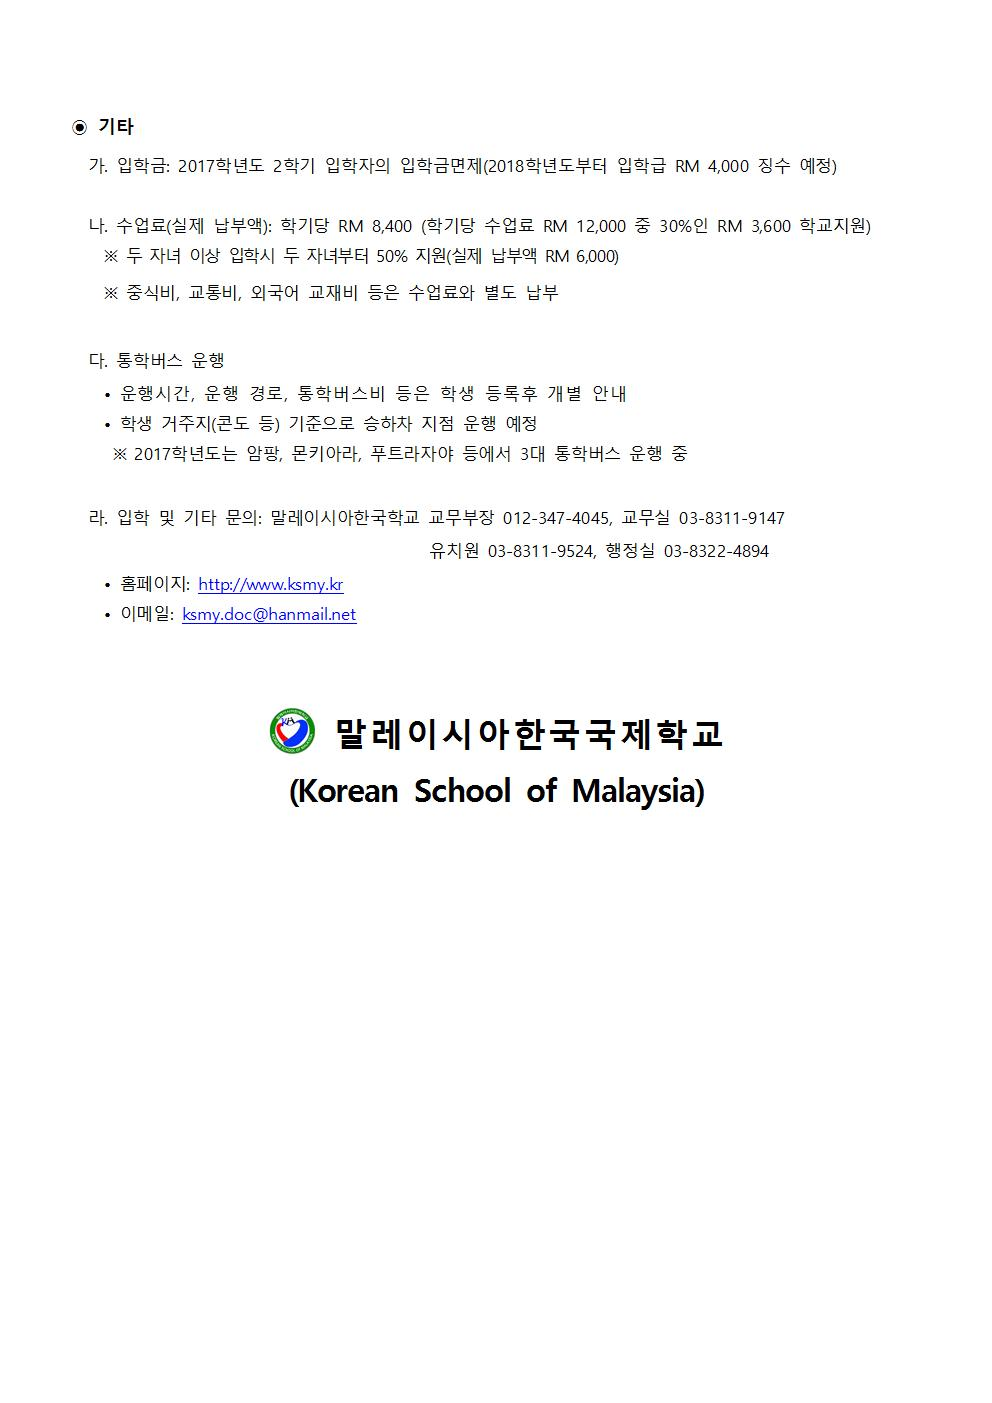 2017학년도 2학기 말레이시아한국국제학교 모집요강004.jpg